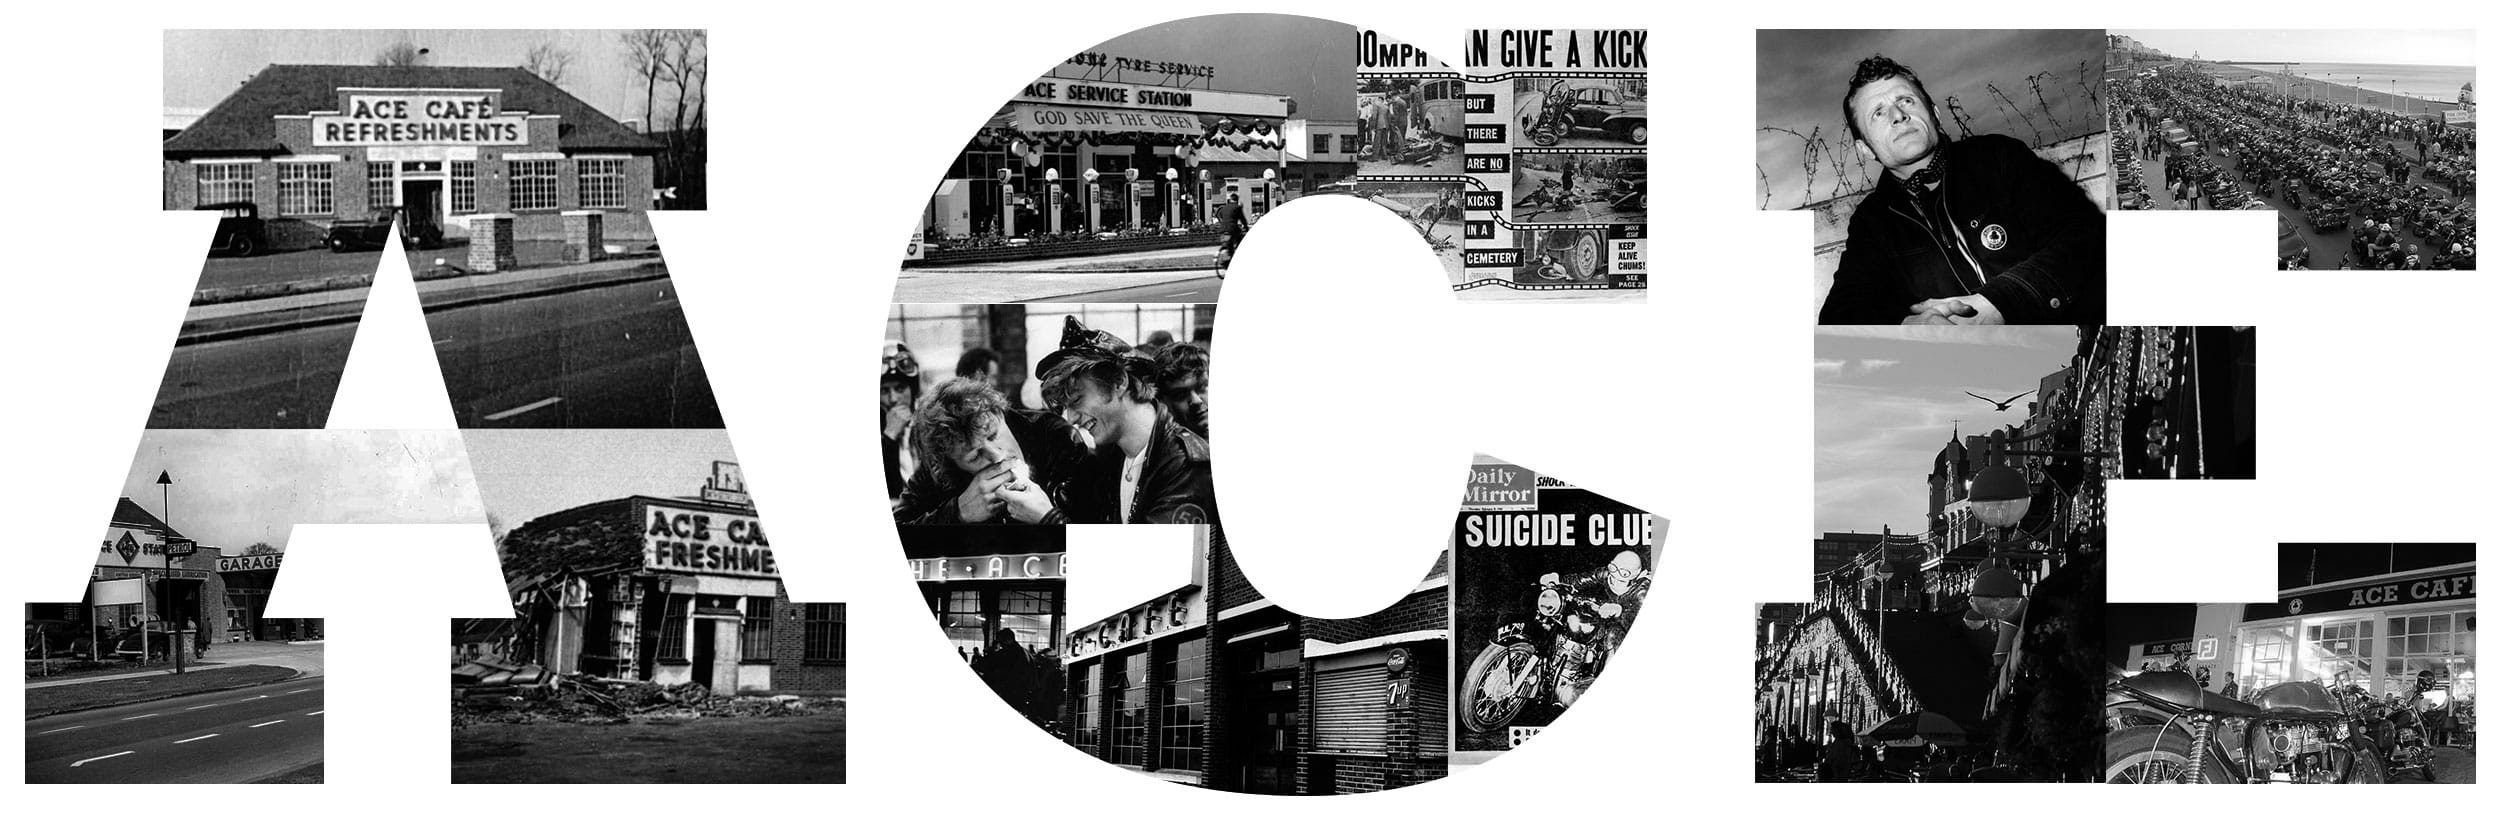 Ace Cafe History